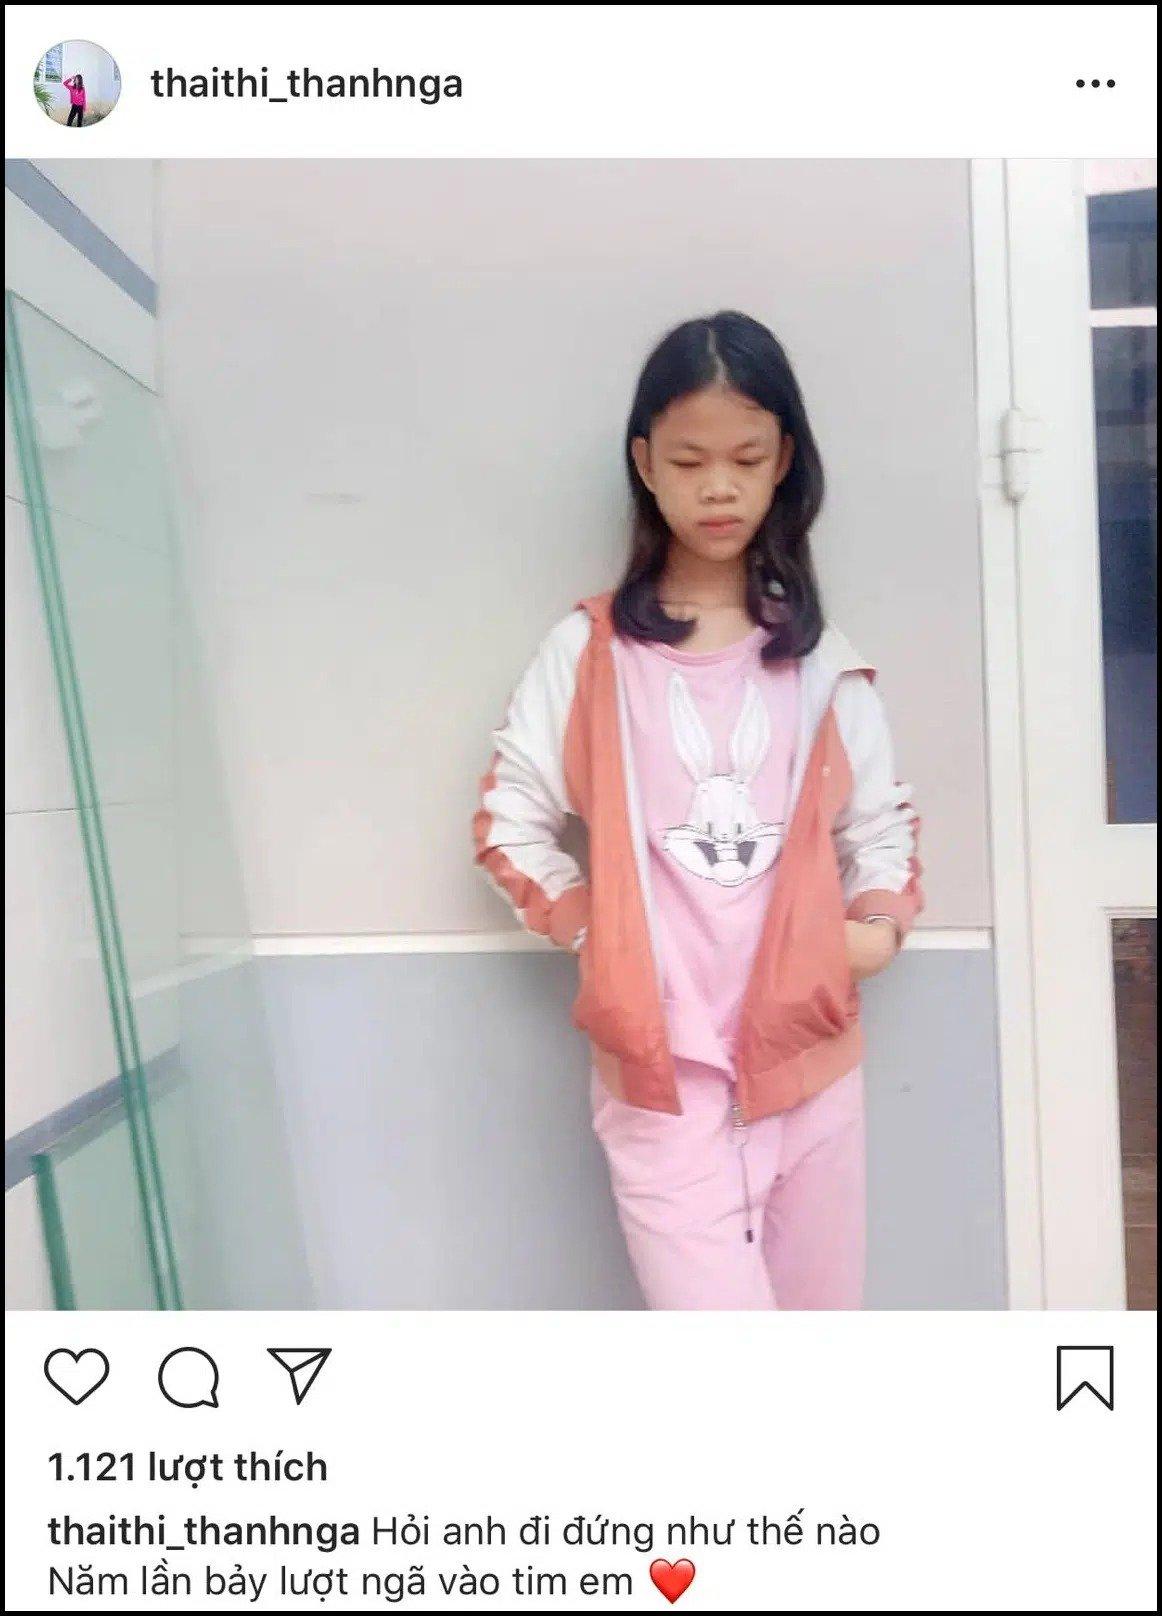 Thanh Nga Bento bị CDM 'quay lưng', giảm lượng theo dõi chỉ vì phong cách ăn mặc ngày một trưởng thành 2